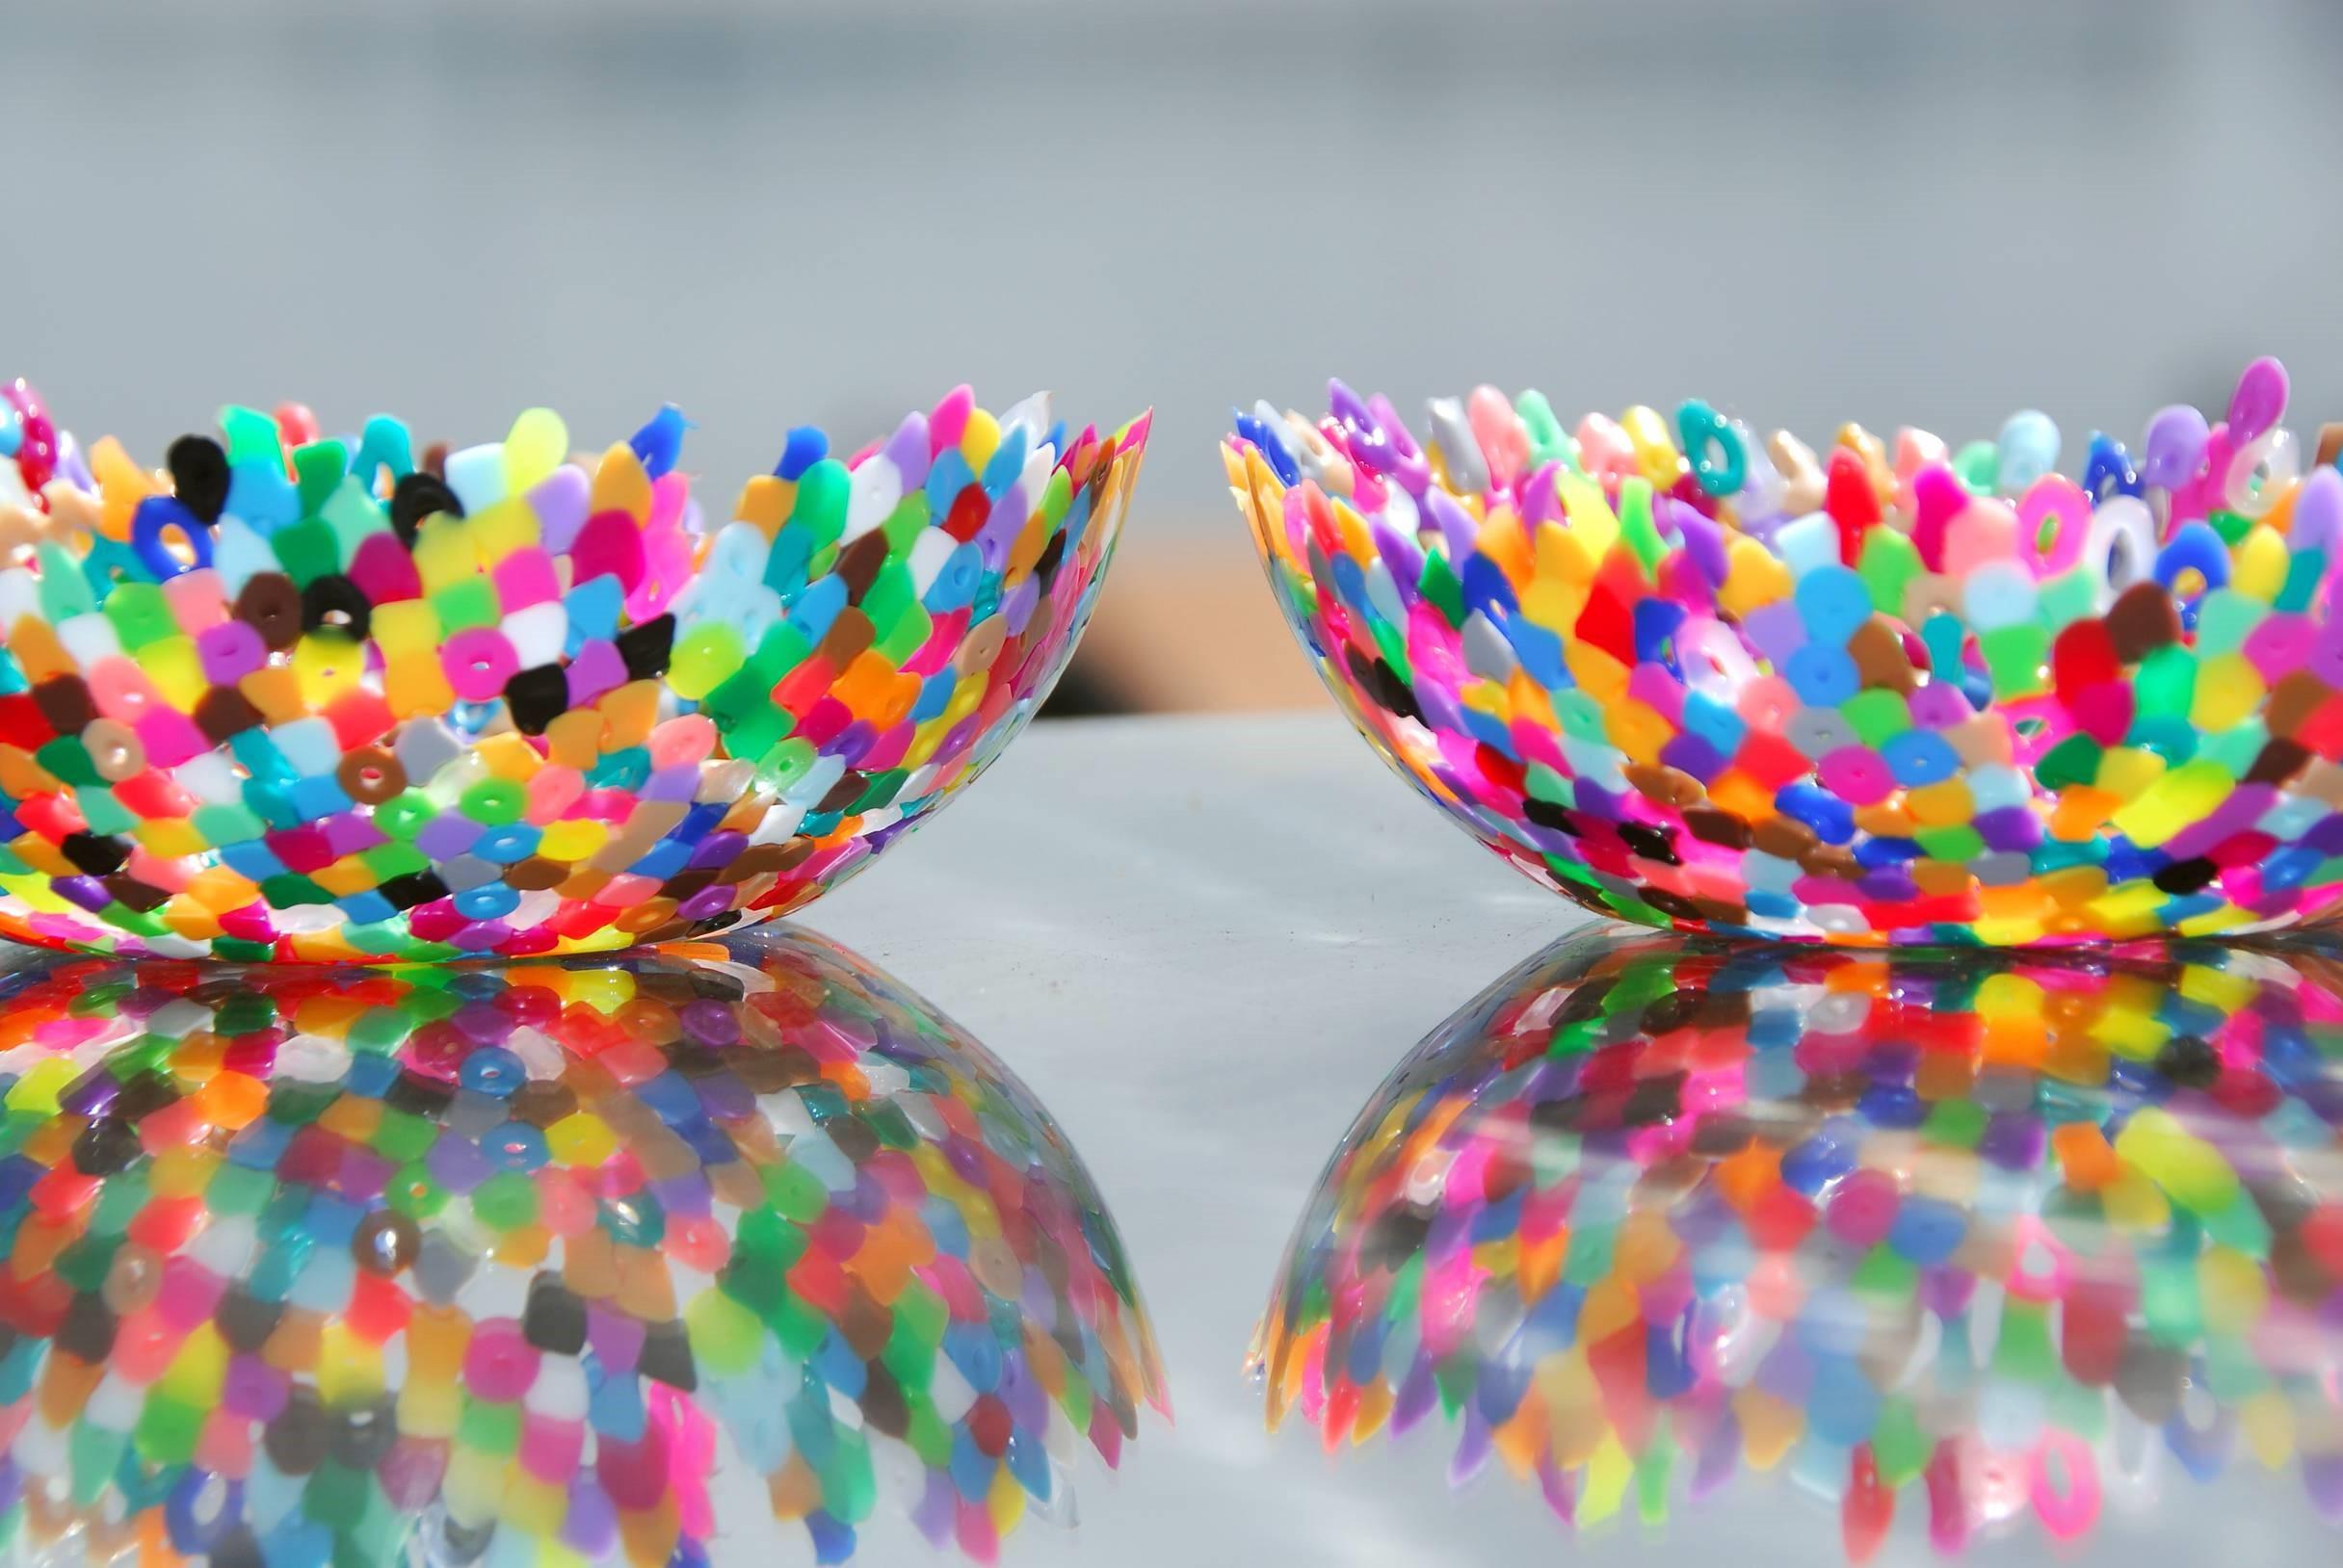 Bricolage maison sur Pinterest: bols décoratifs multicolores.